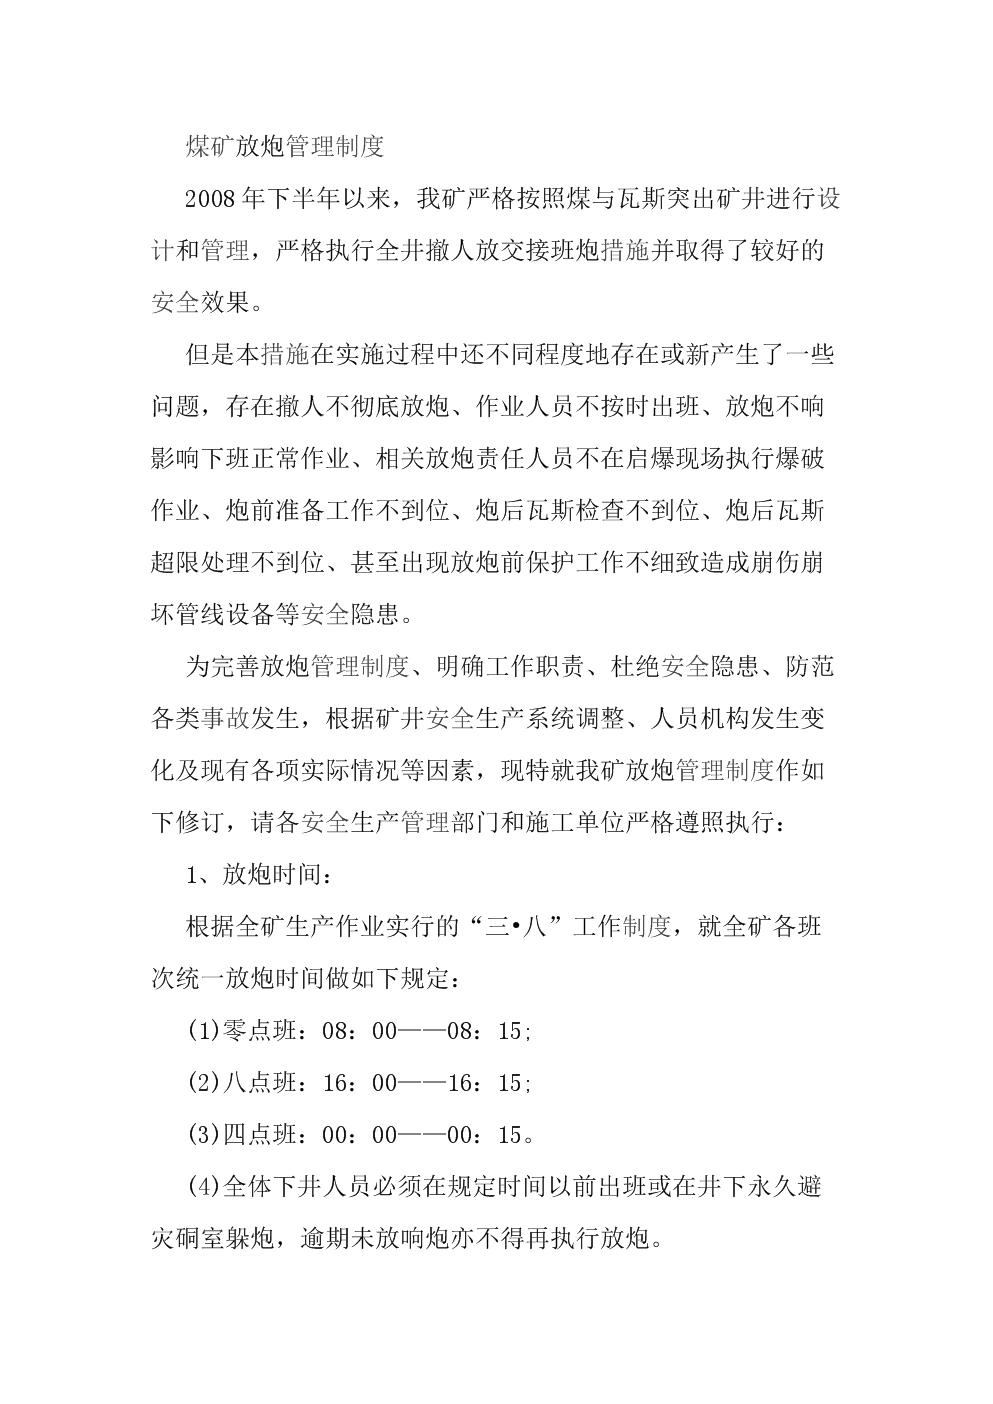 6.煤矿放炮管理制度.docx